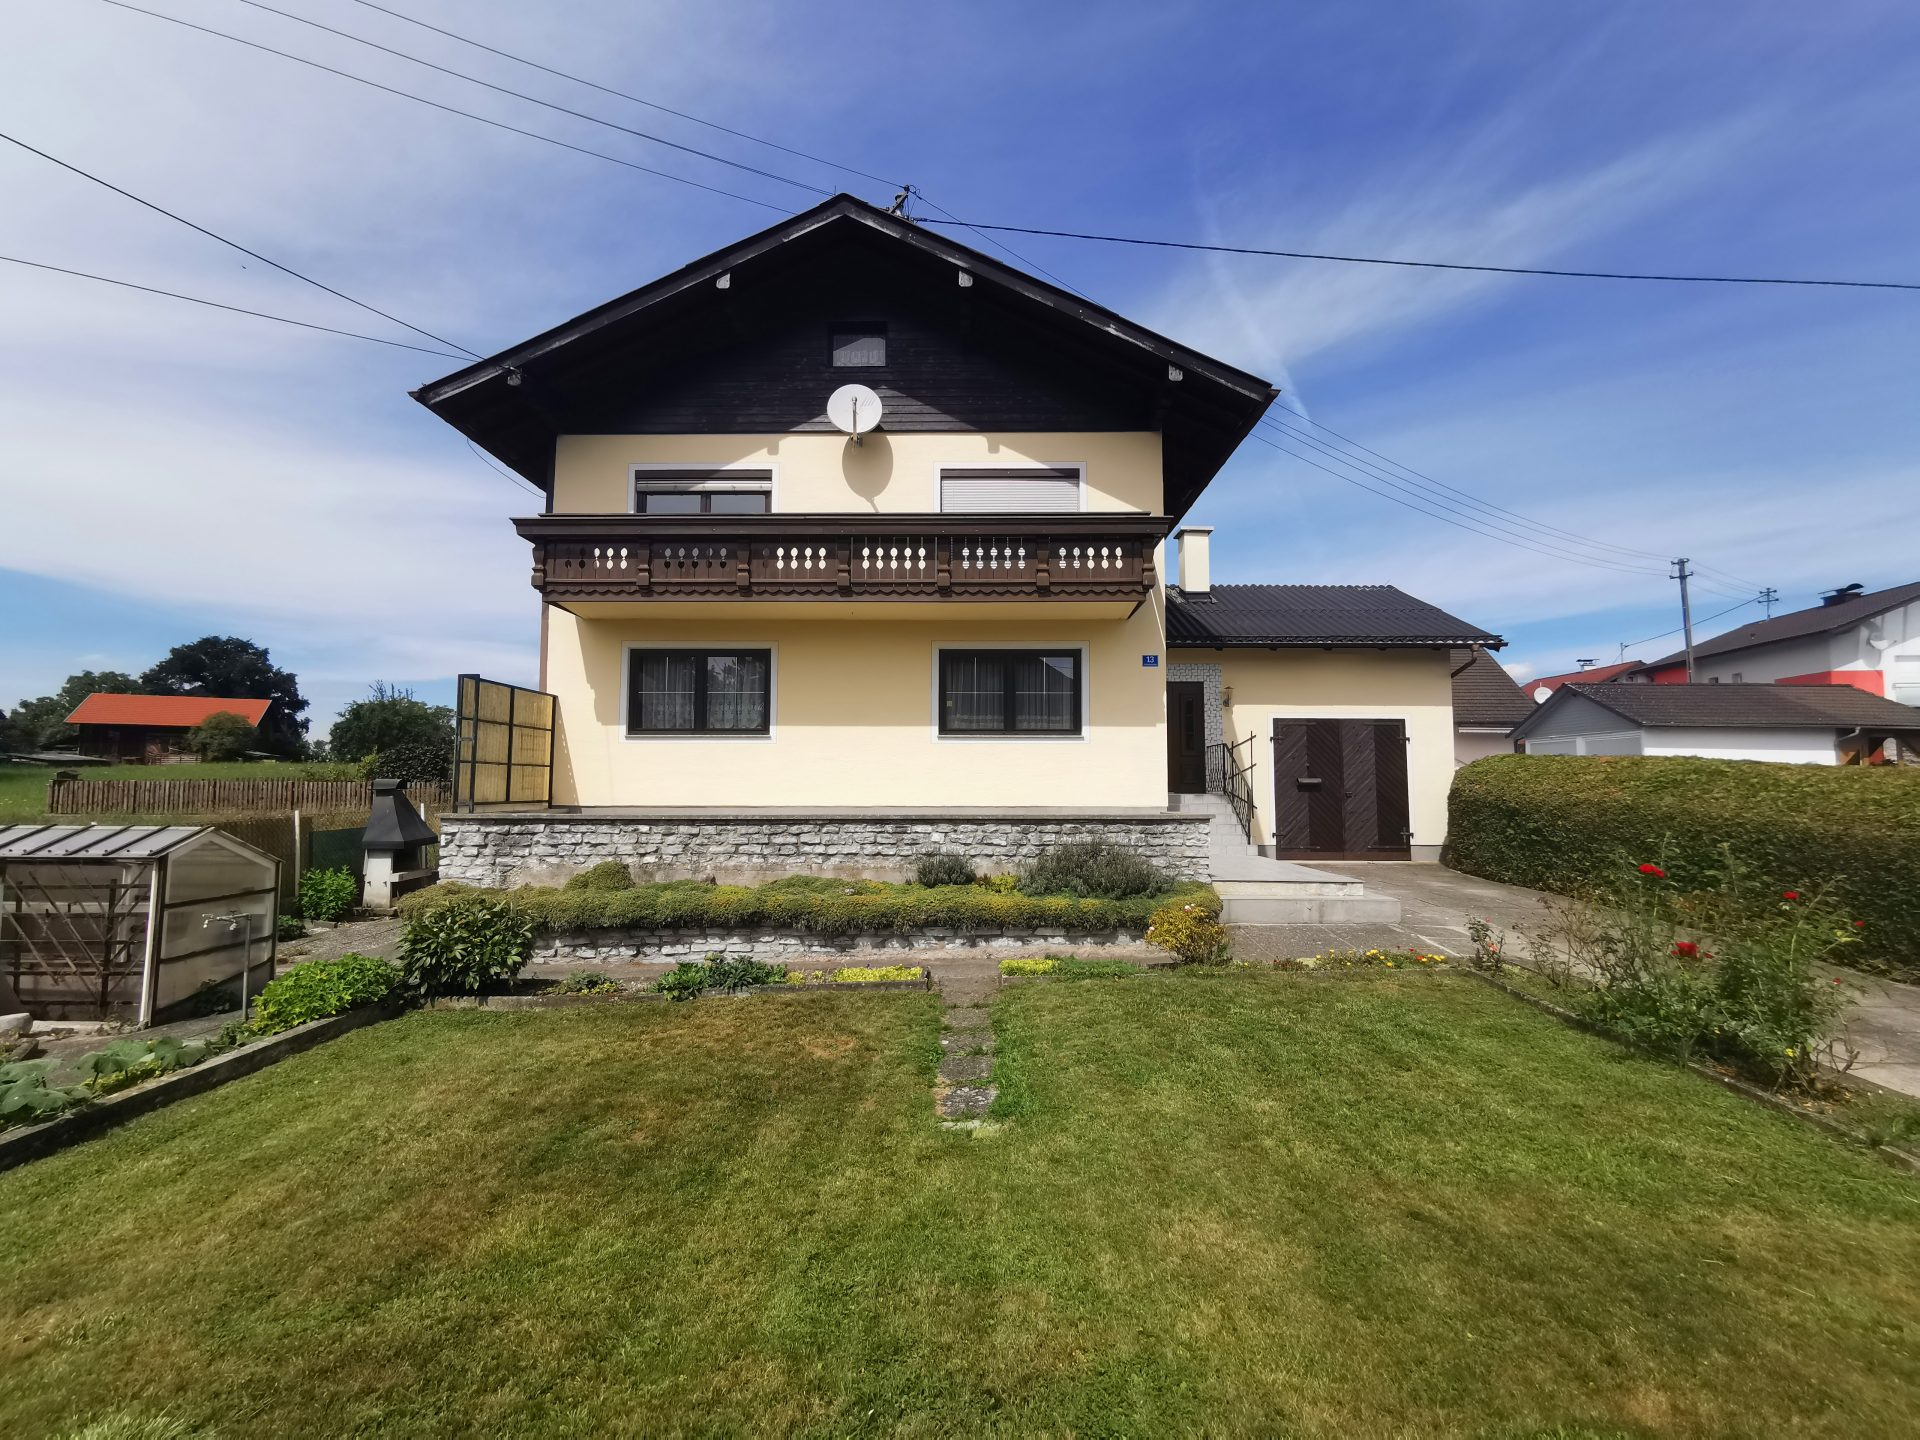 Blaupause-Ostermiething-Einfamilienwohnhaus-Frontalansicht-mit-Garten